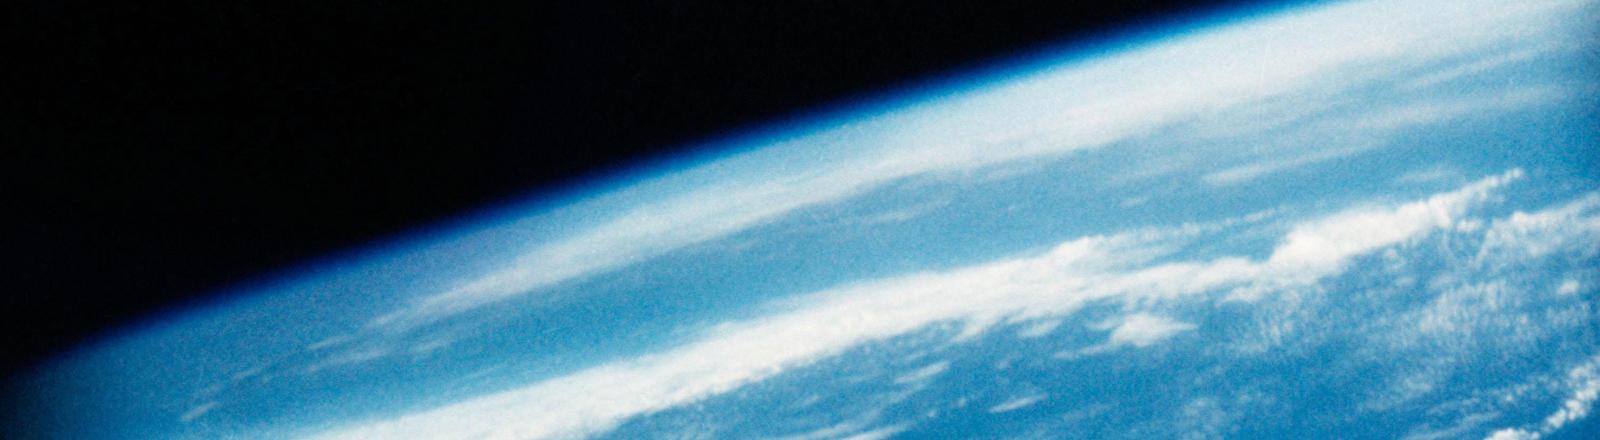 Foto vom Weltraum auf die Erde